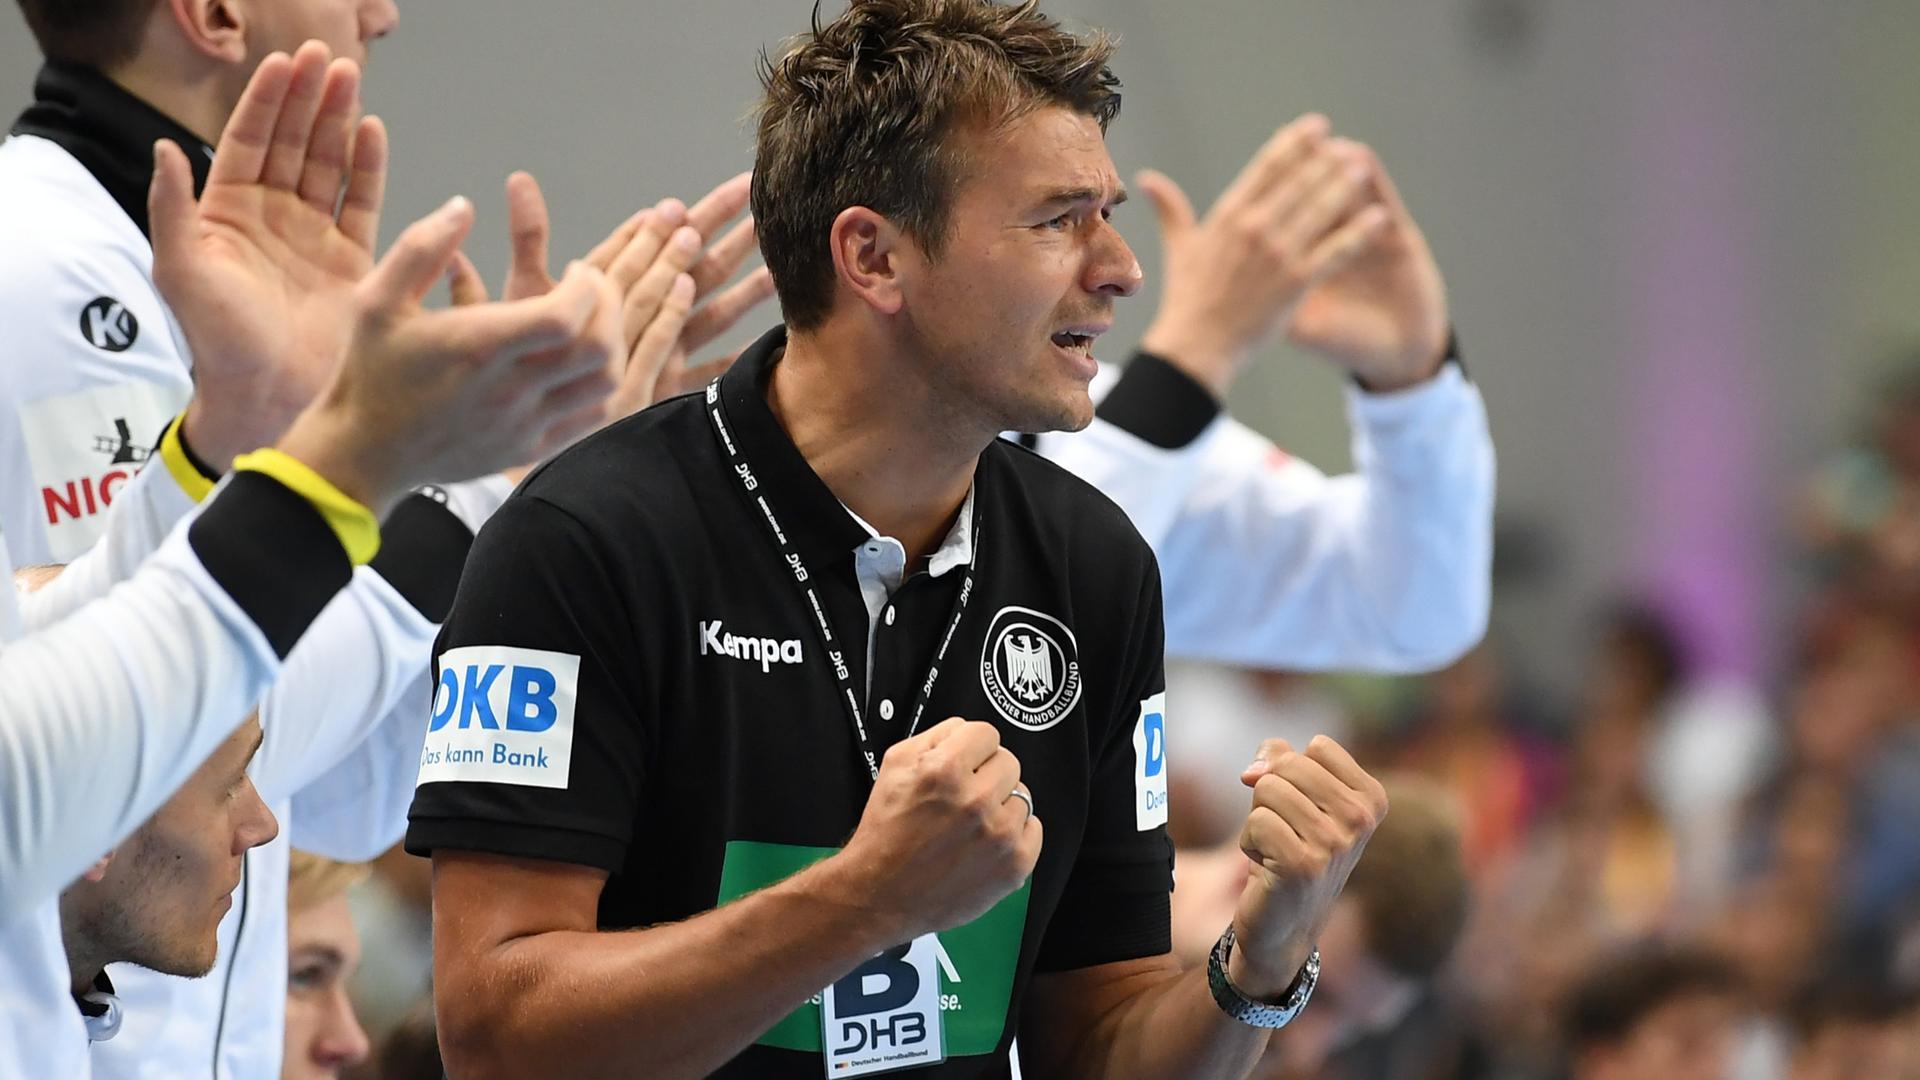 Spielbericht Handball Em Deutschland Mazedonien Zdfmediathek